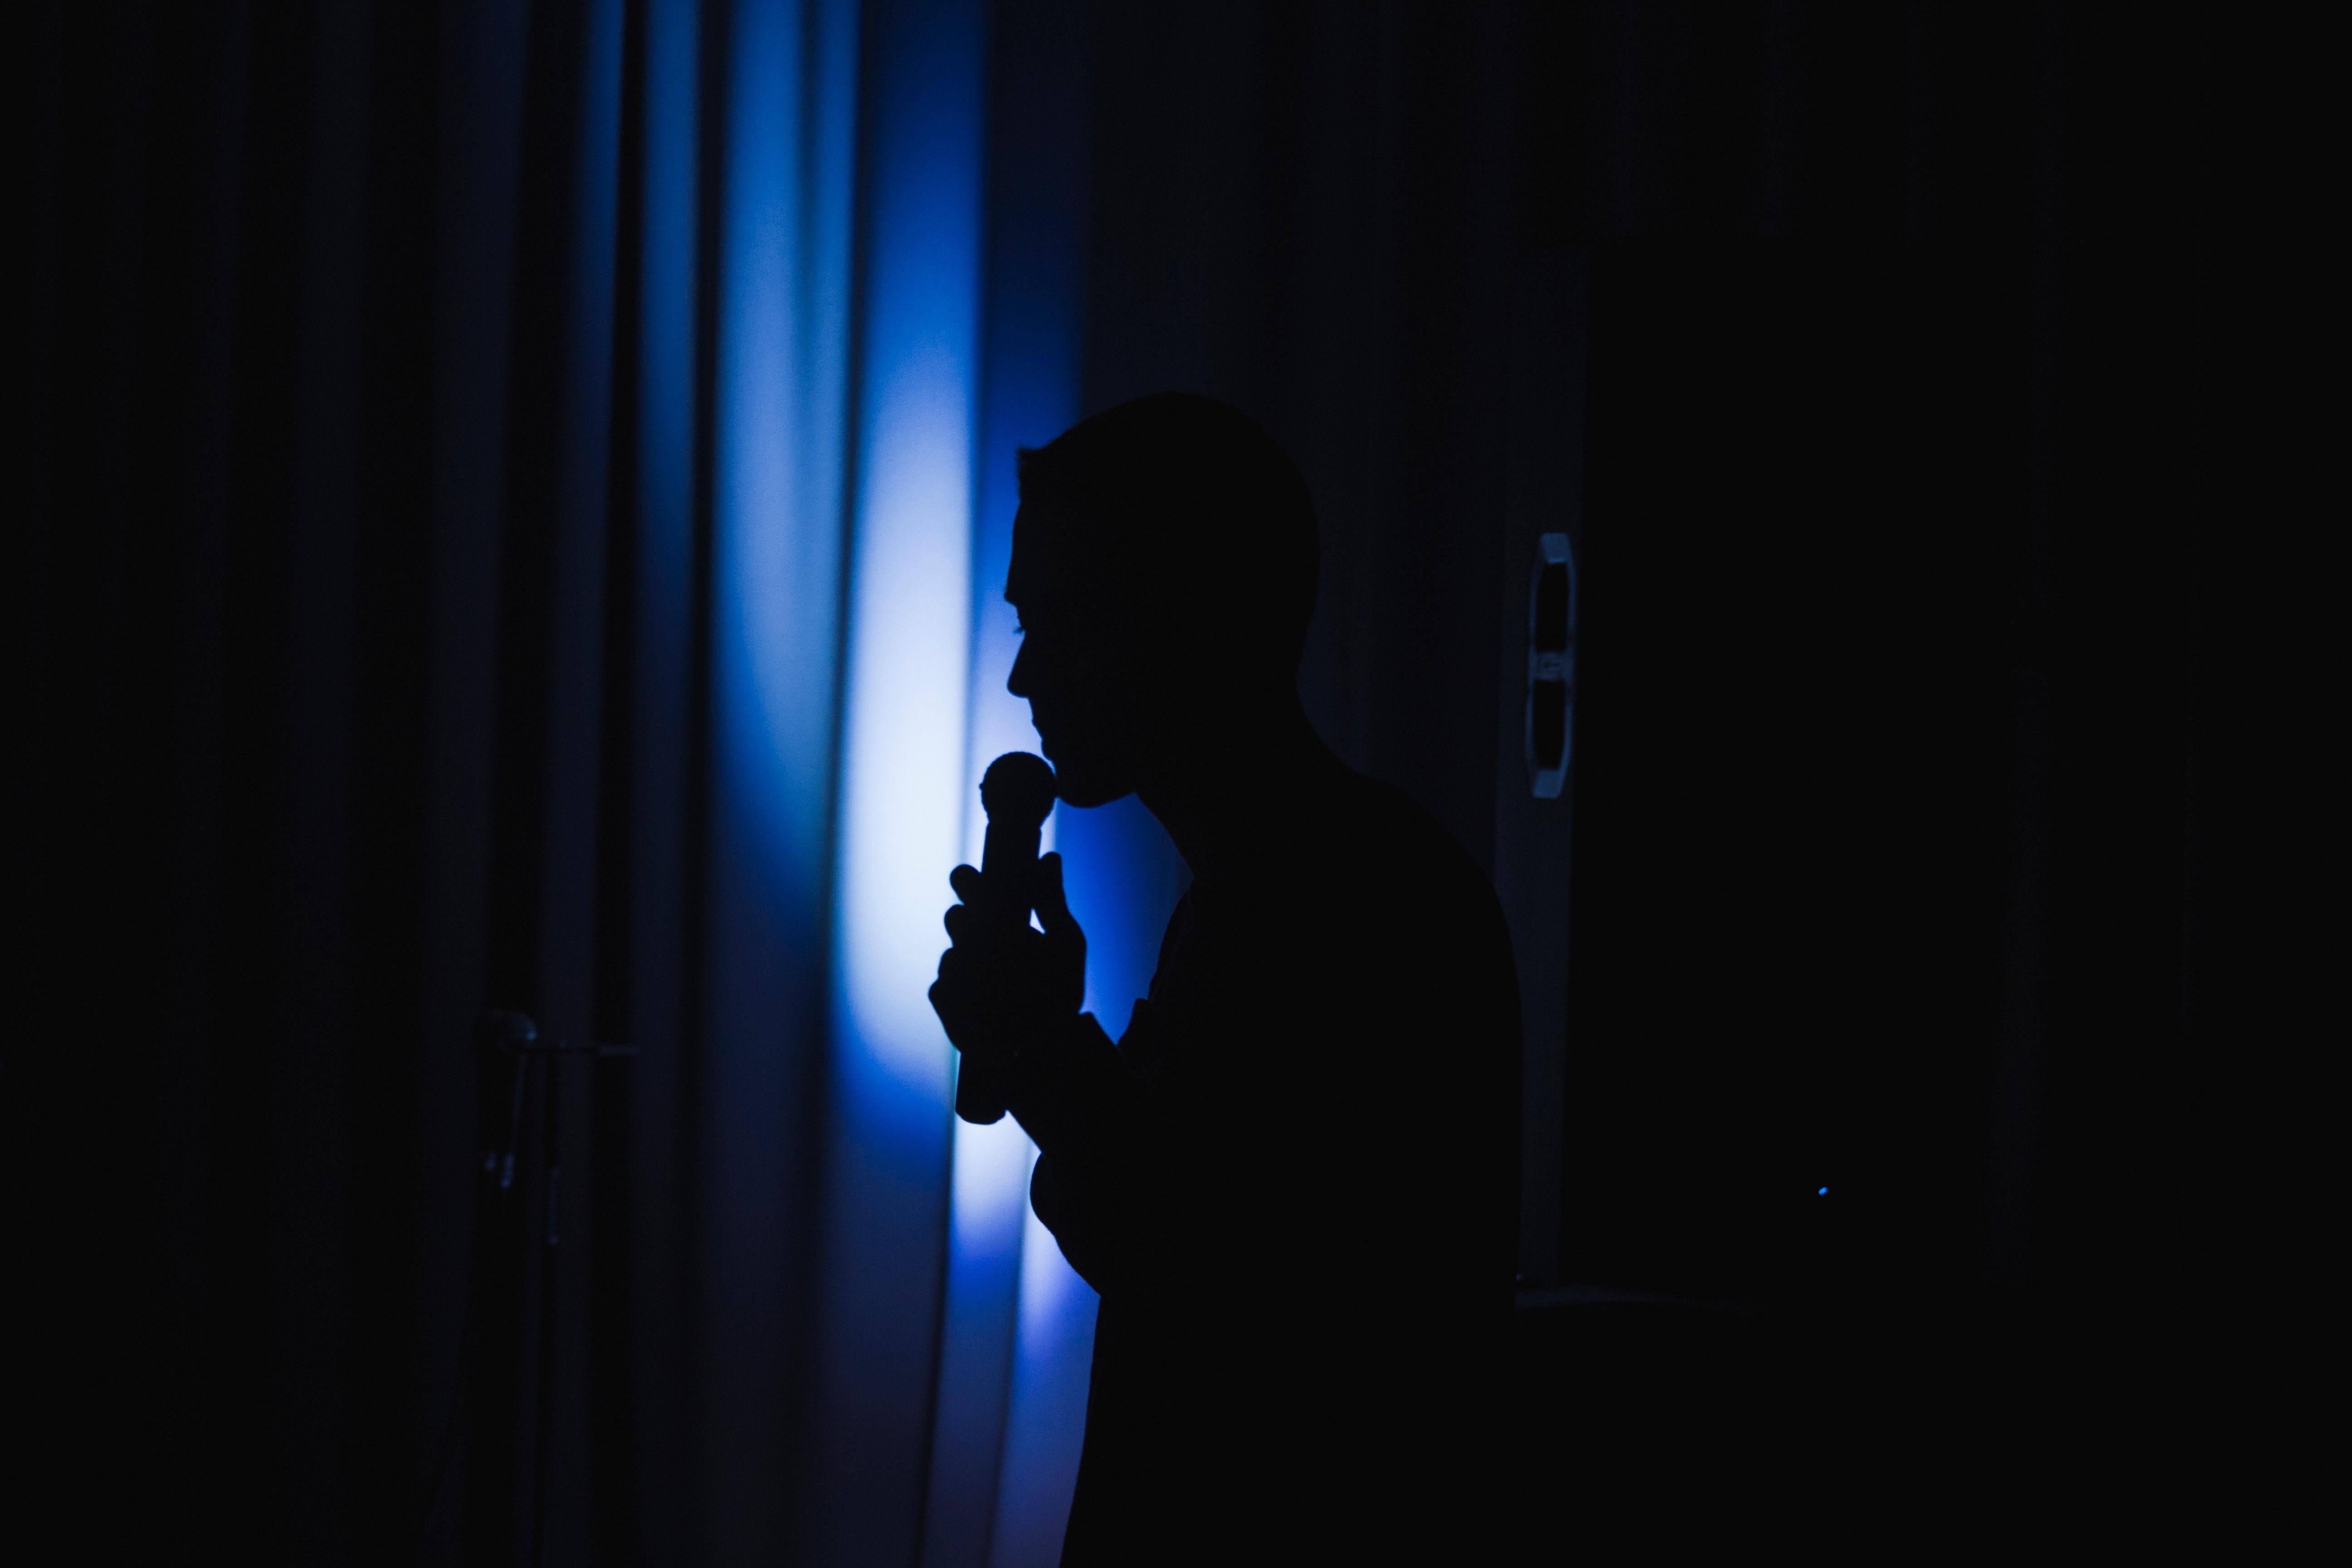 самостоятельно определить как фотографироваться в темноте выложила своем